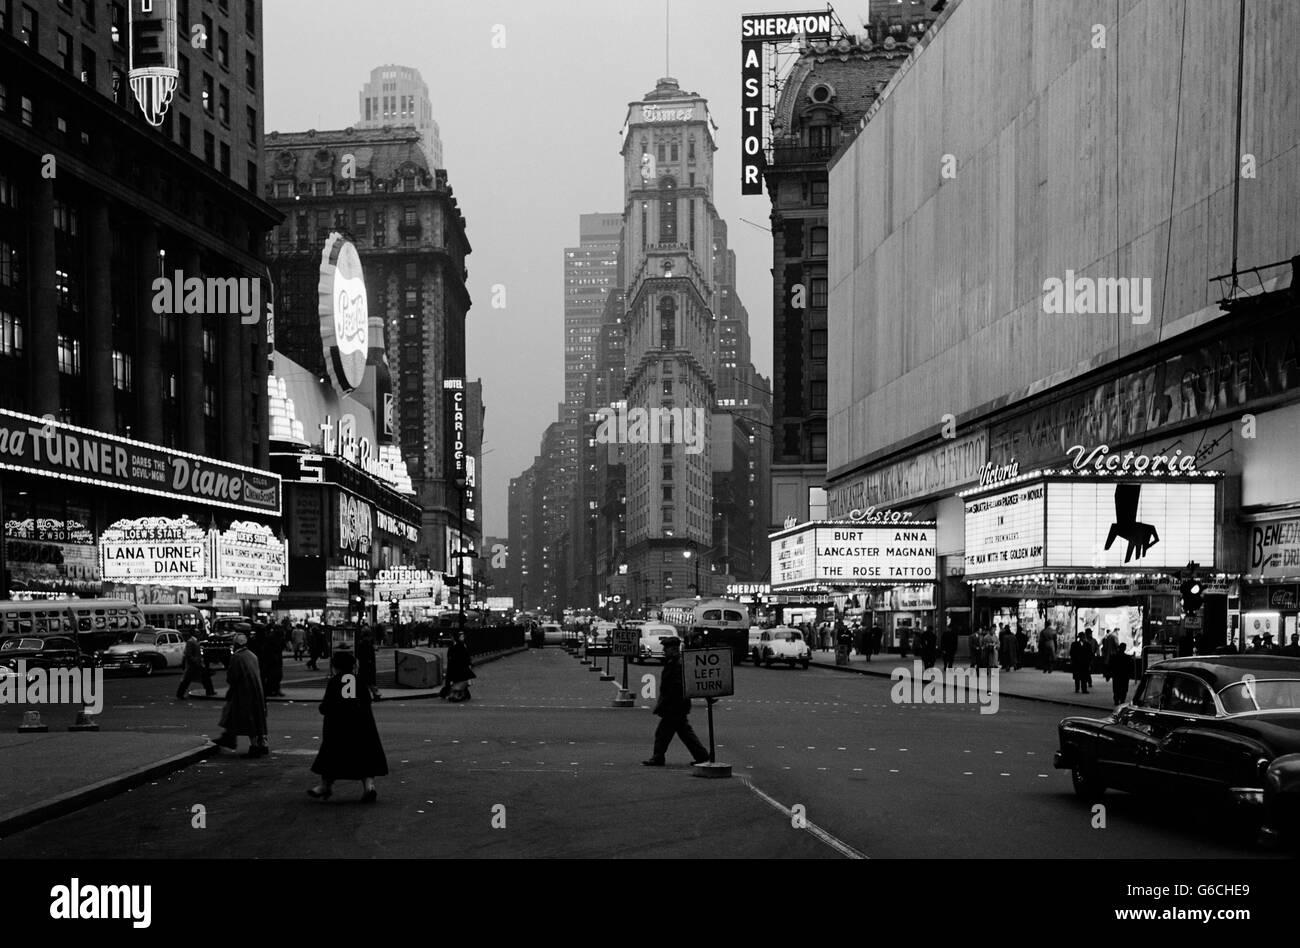 1950ER JAHRE NACHT TIMES SQUARE AUSSEHENDE SÜDLICH VON DUFFY SQUARE, NEW YORK TIMES BUILDING FILM FESTZELTE Stockbild